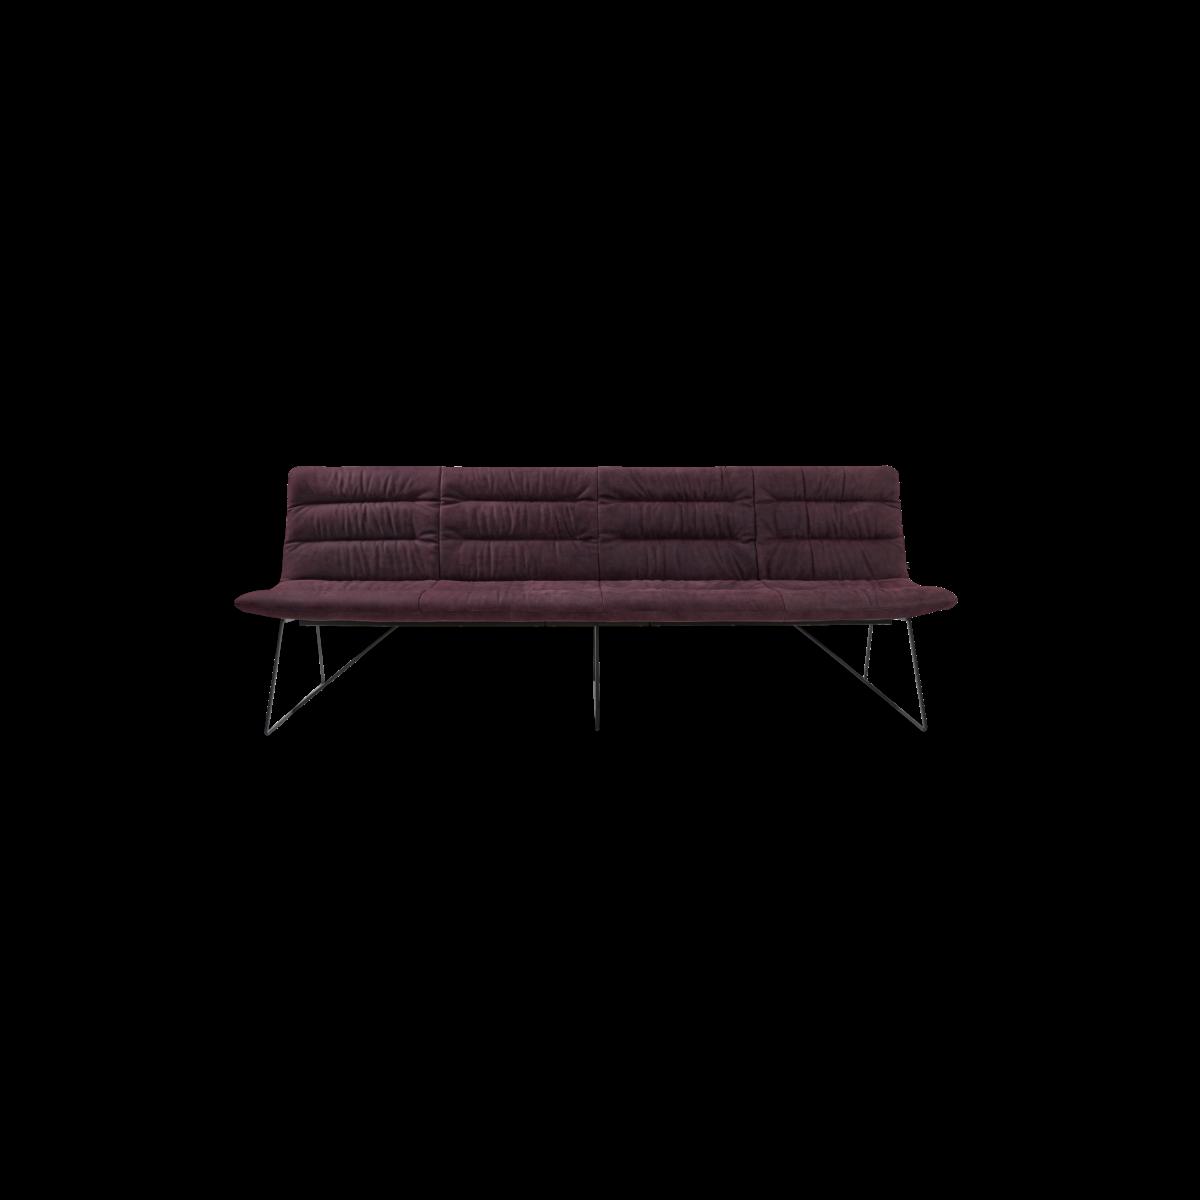 ARVA LIGHT BENCH 4er bench kuf oA pol violett KFF  4 1200x1200 - Bancheta Arva Light KFF